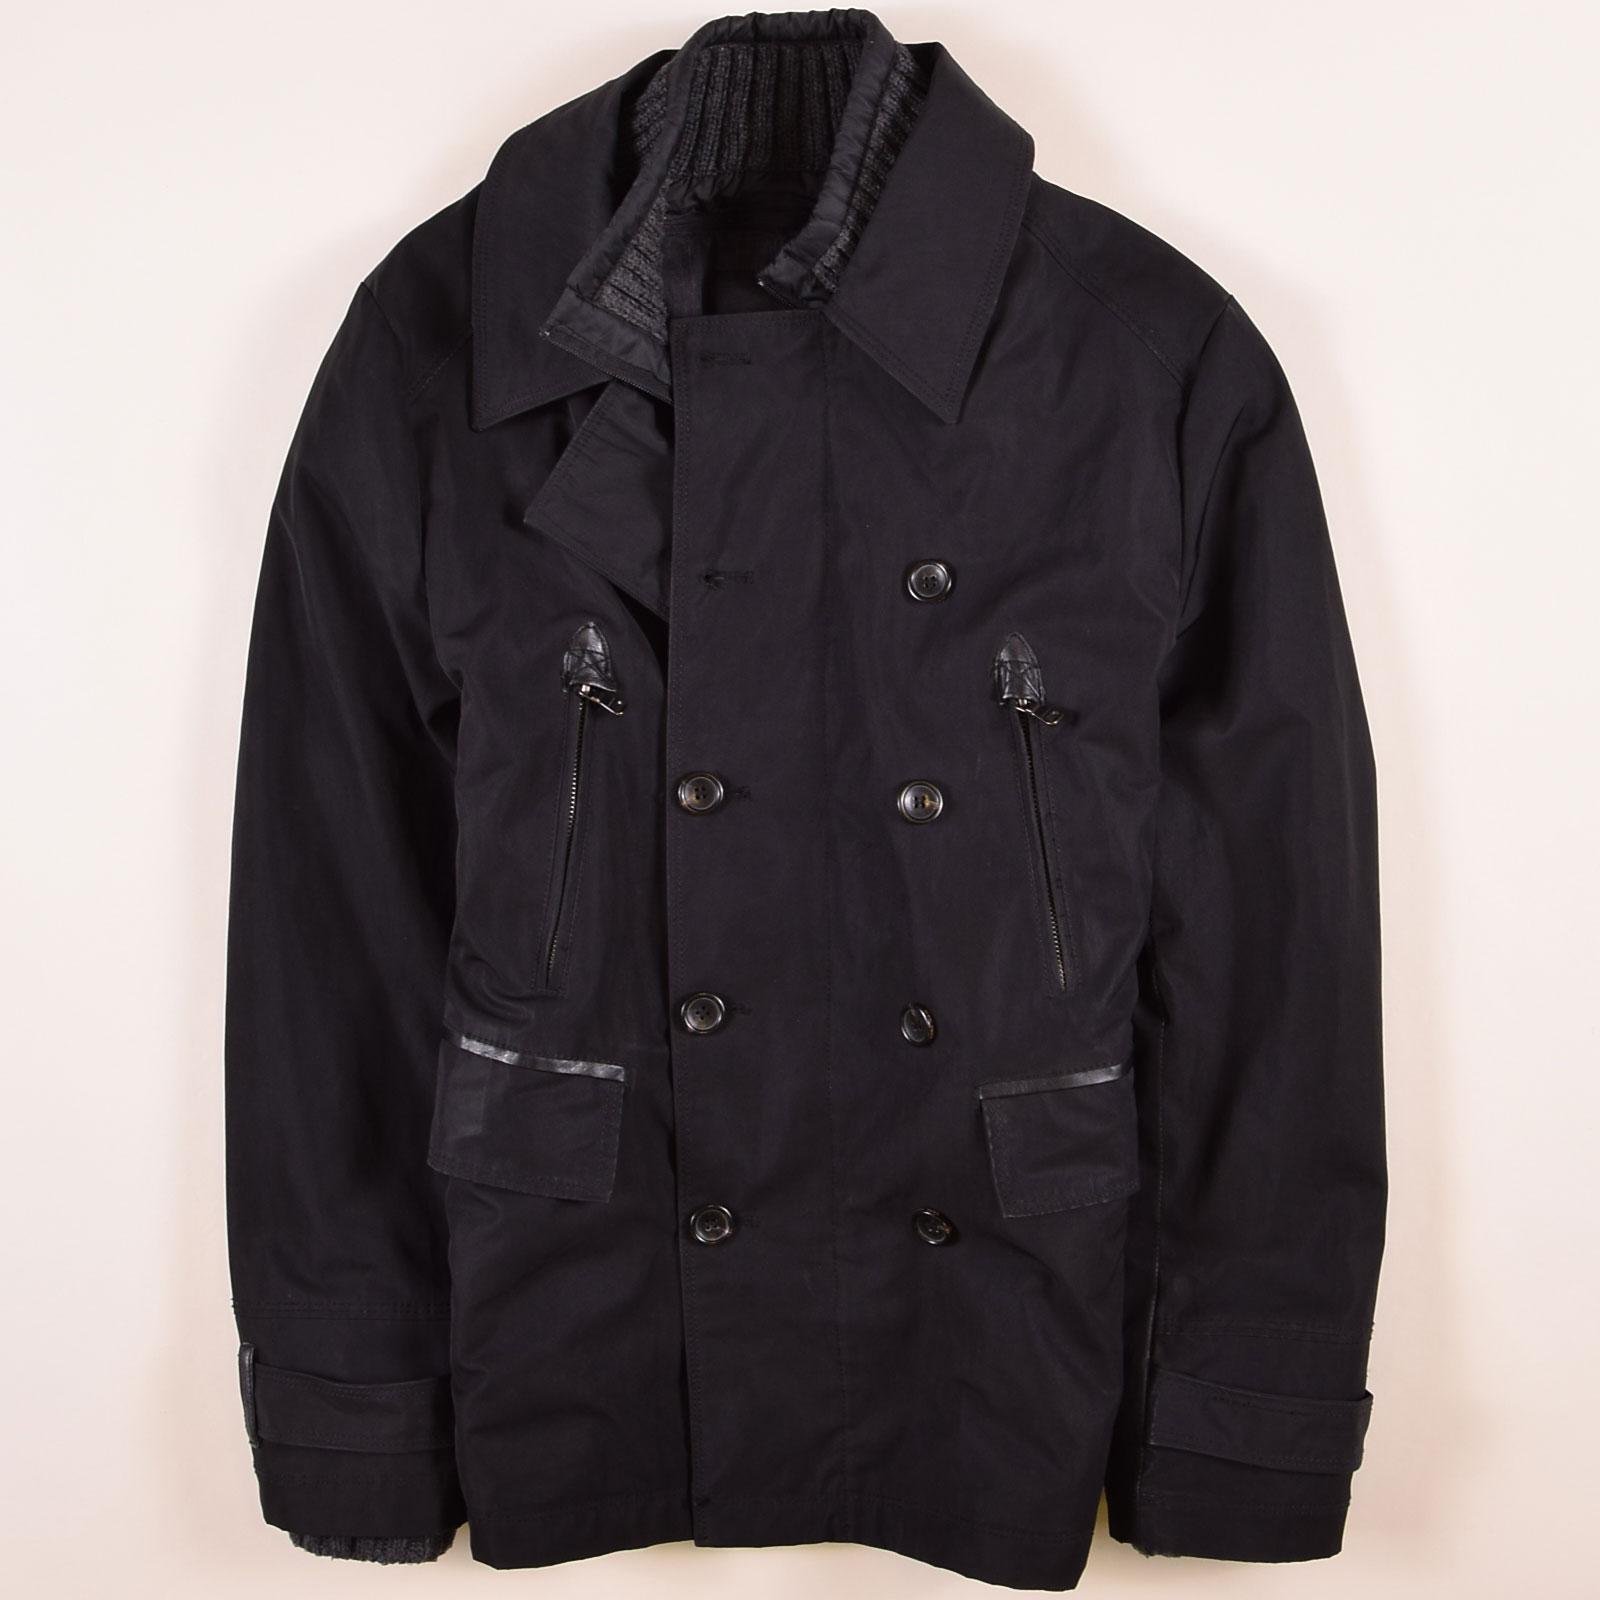 Schwarz60779 Details m Zara Herren Gr Sport Zu Jacket Jacke Classic 1clKFTJ